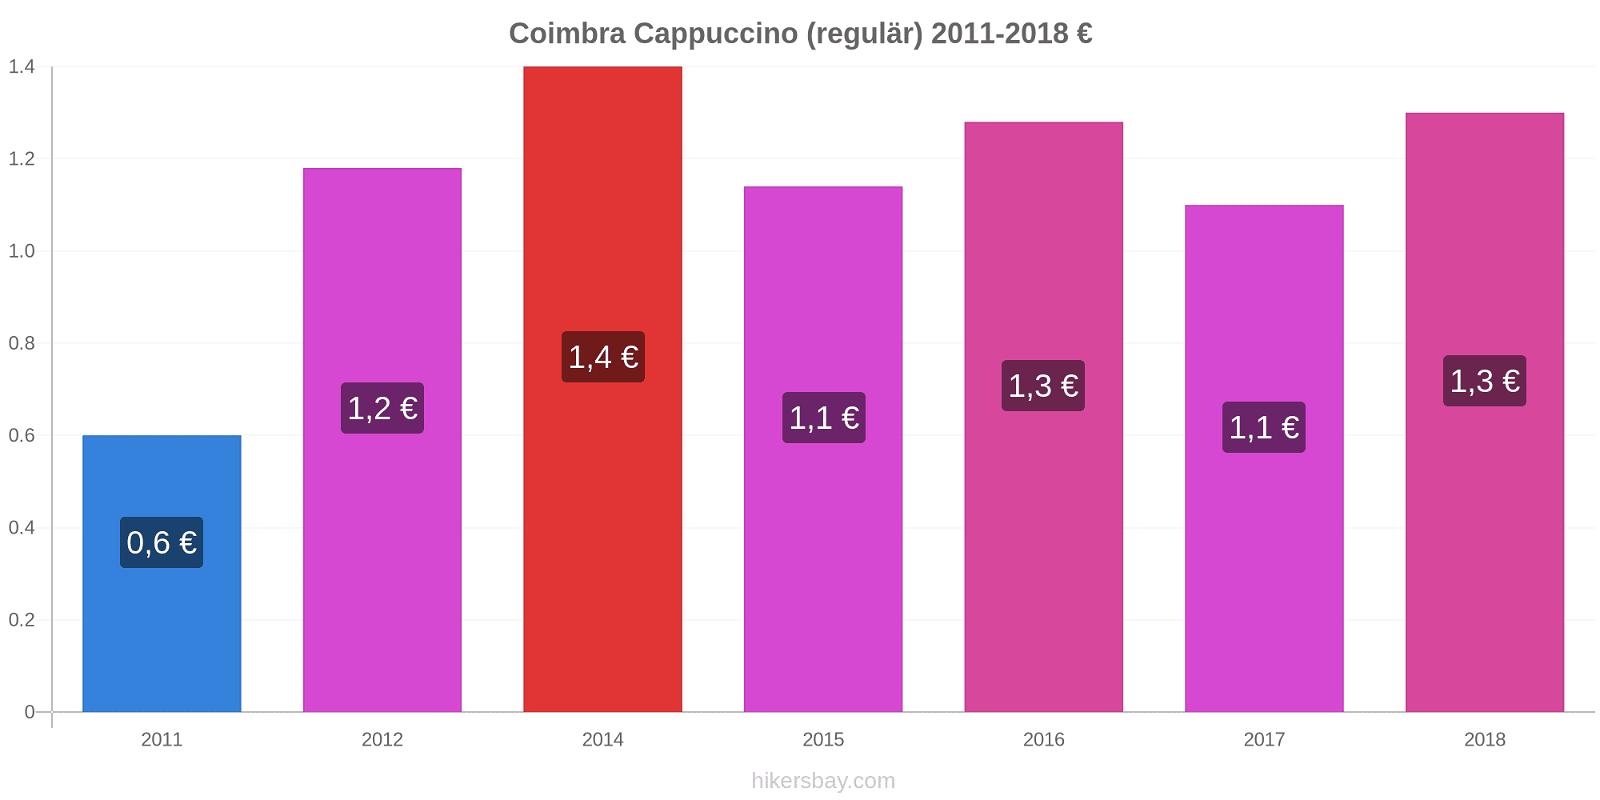 Coimbra Preisänderungen Cappuccino (regulär) hikersbay.com